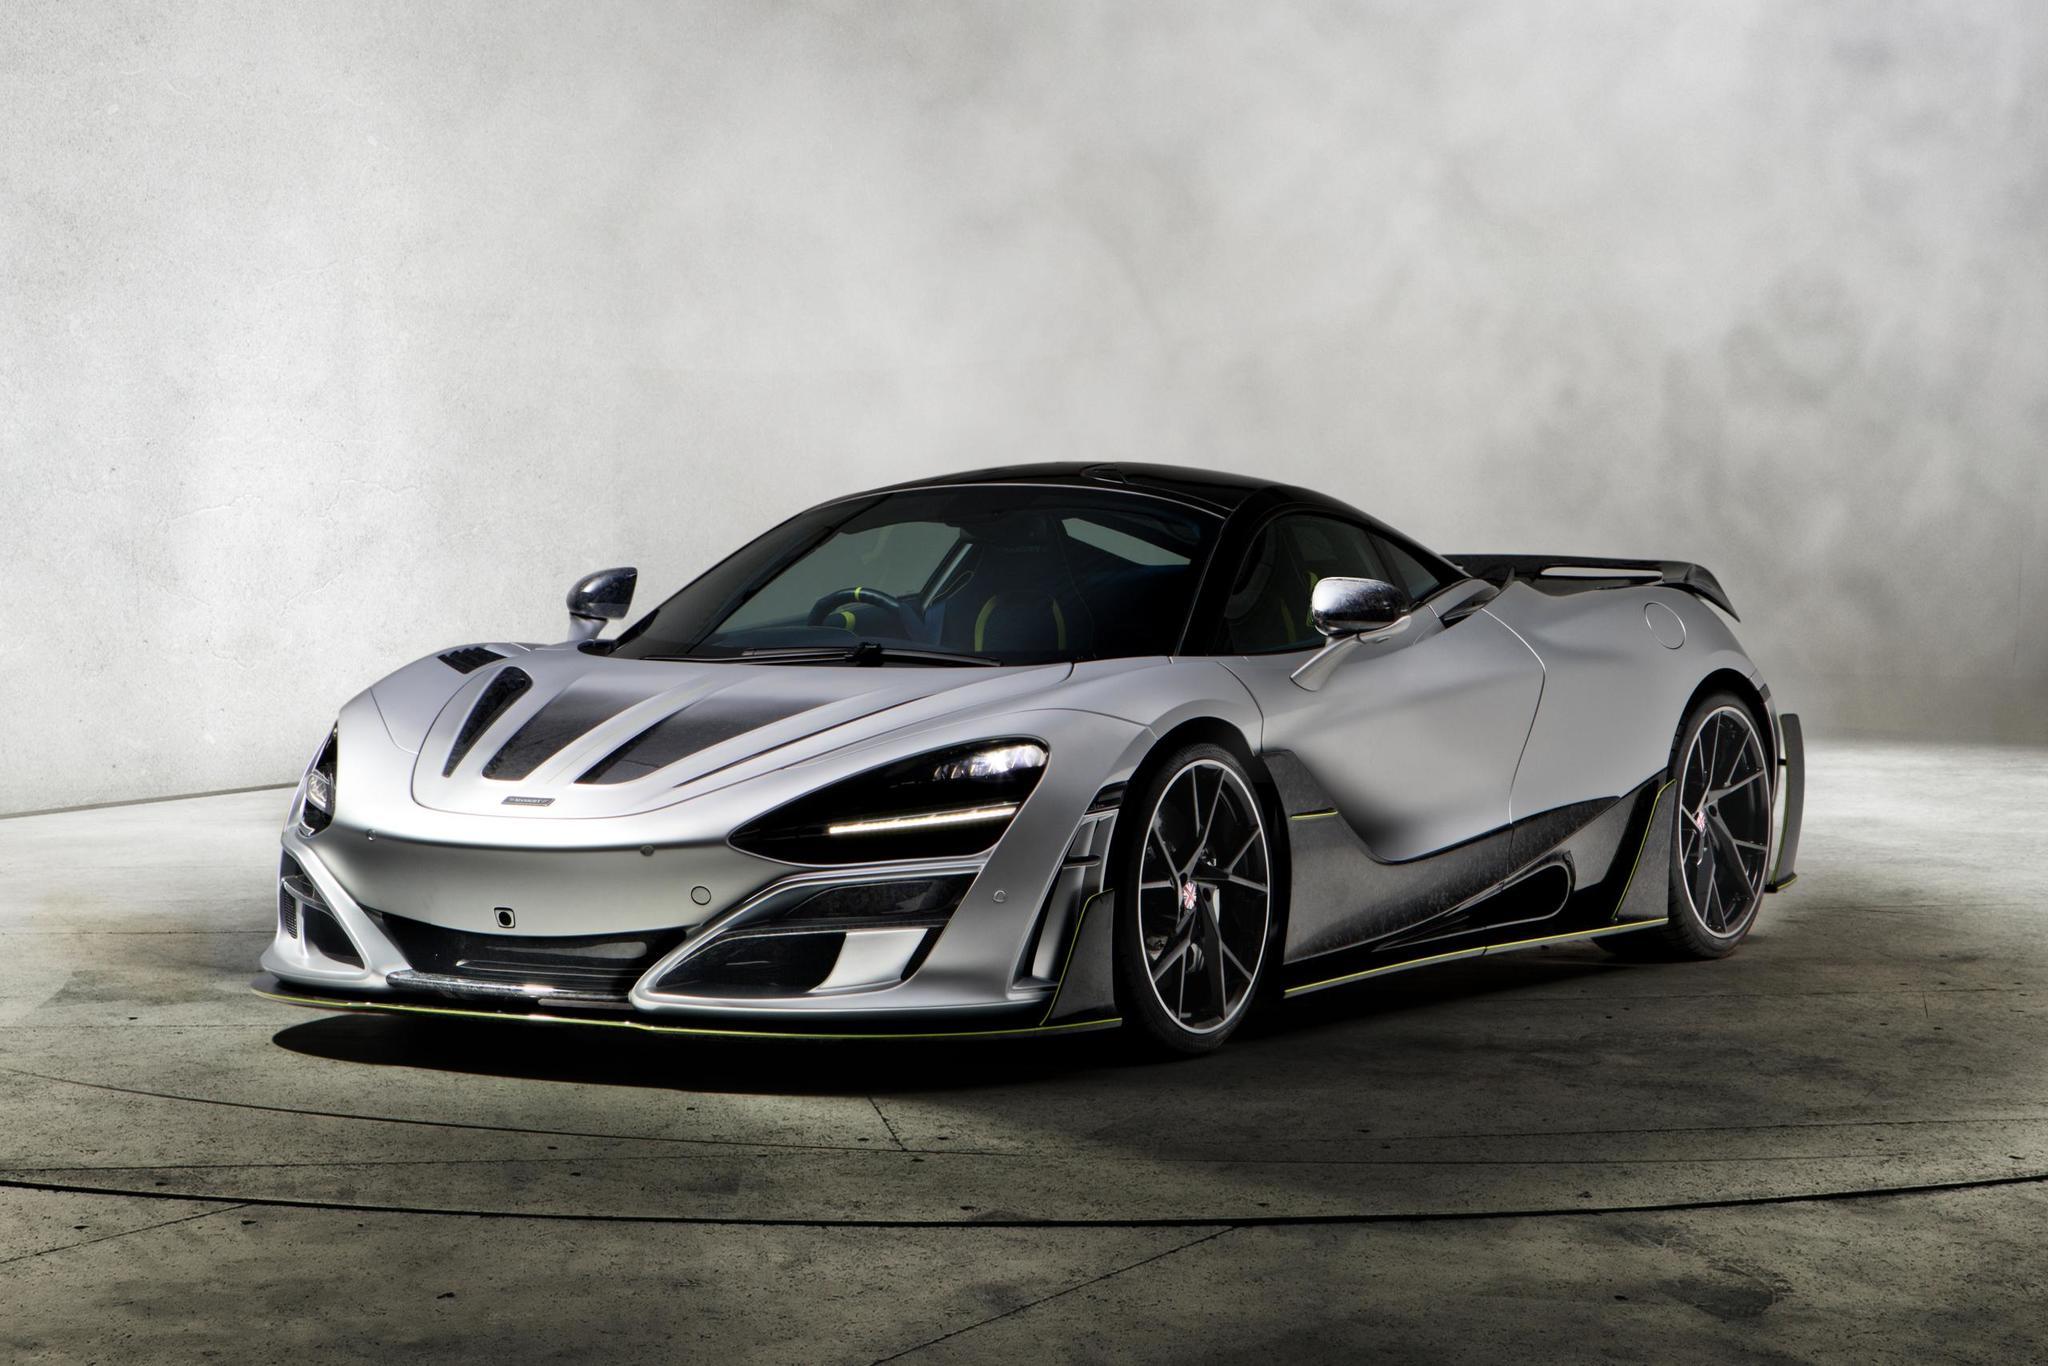 Mansory body kit for McLaren 720S new model